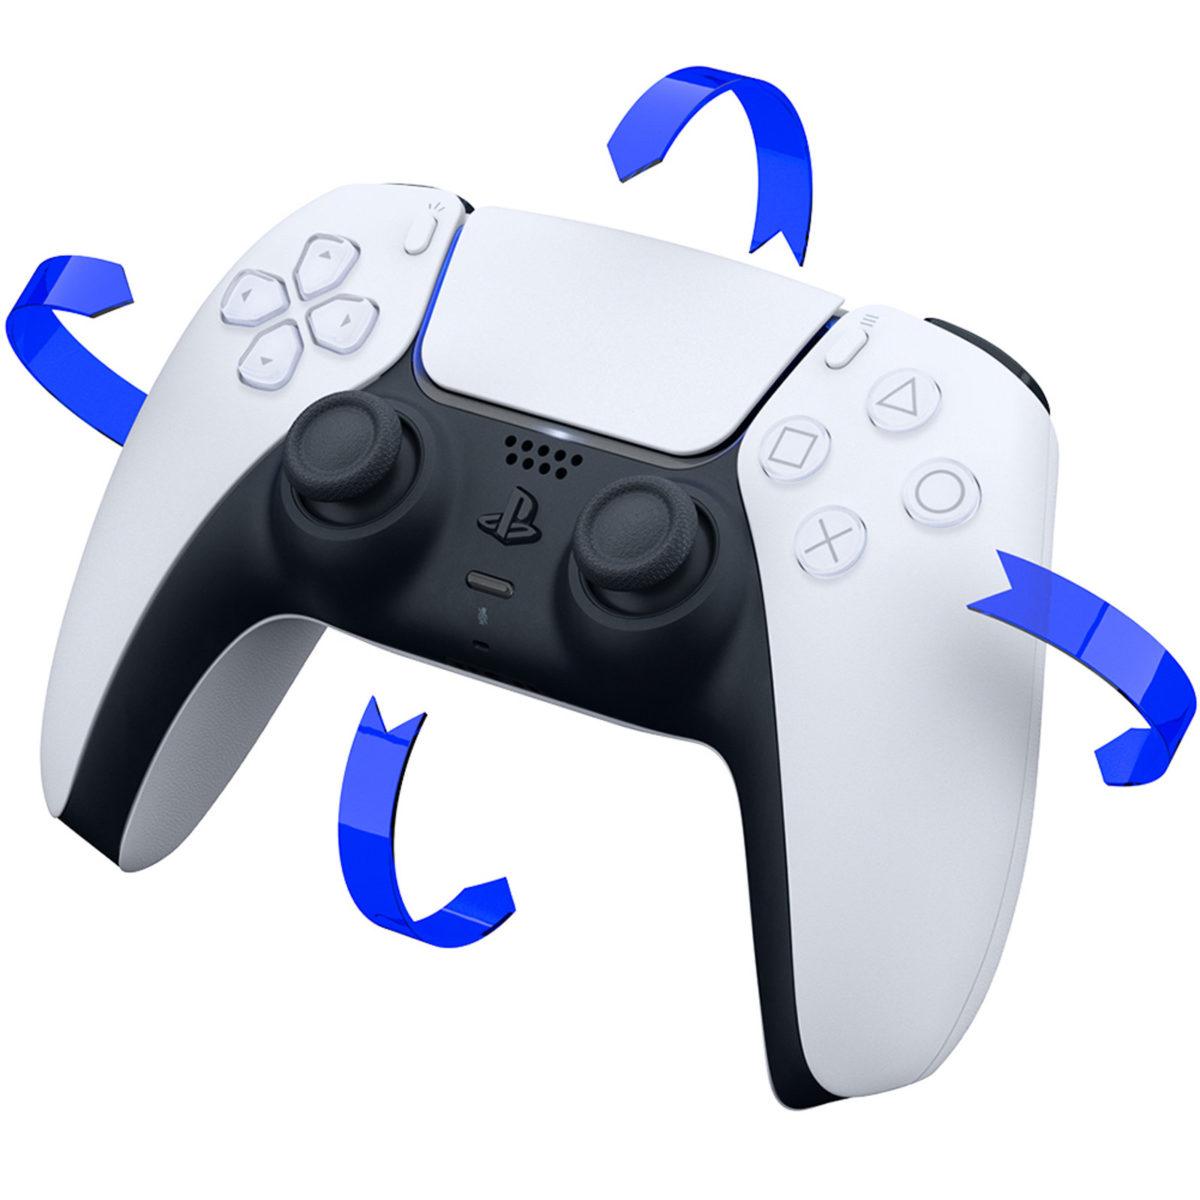 除了觸覺回饋和自動調整觸發器之外, DualSense 也備加速度感測和陀螺儀作動作感測。